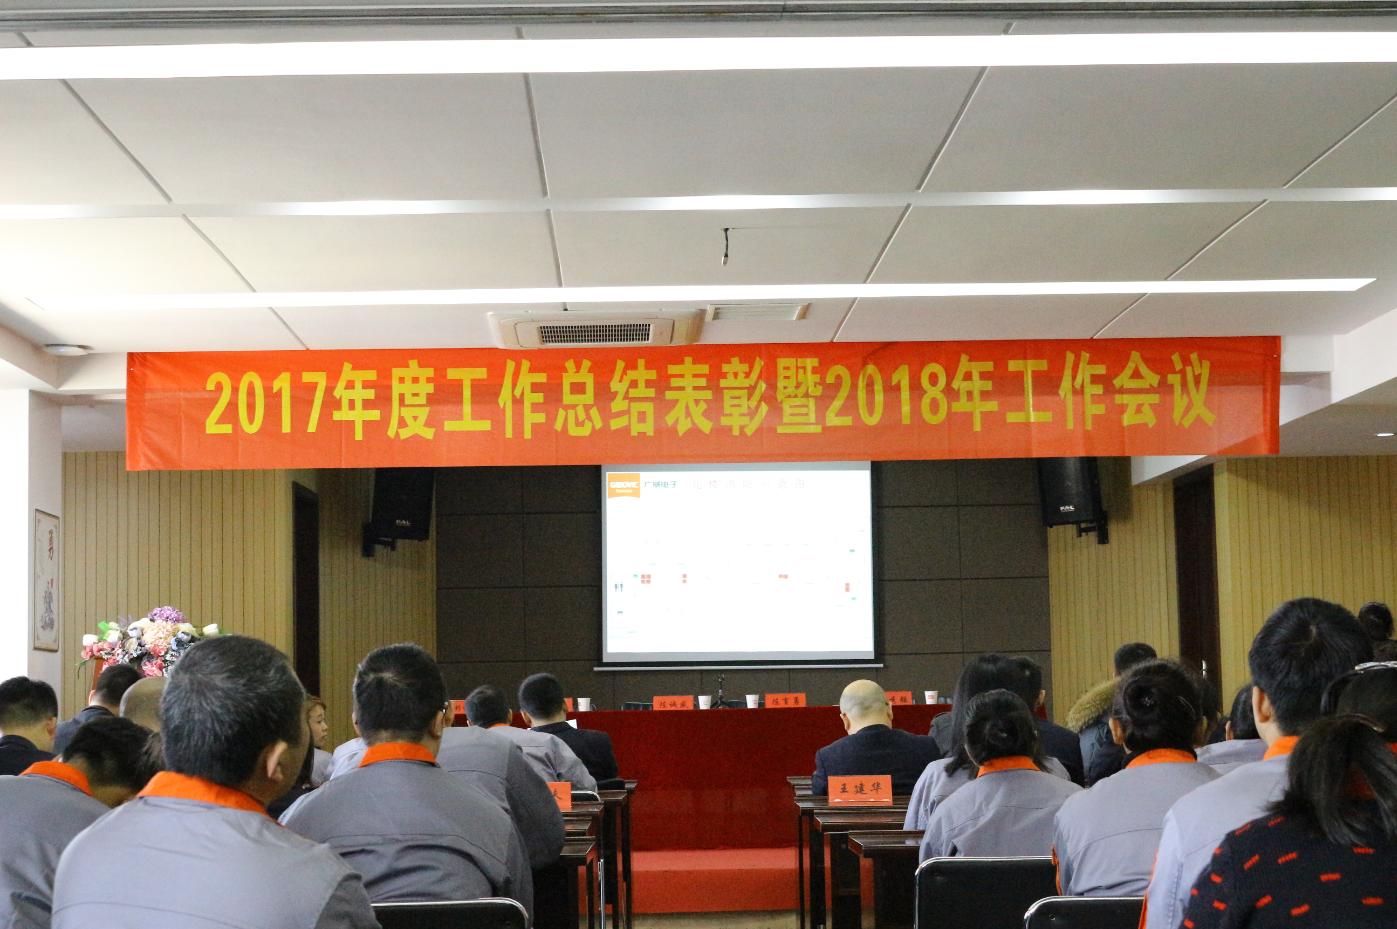 2017年度工作总结表彰暨2018年工作会议